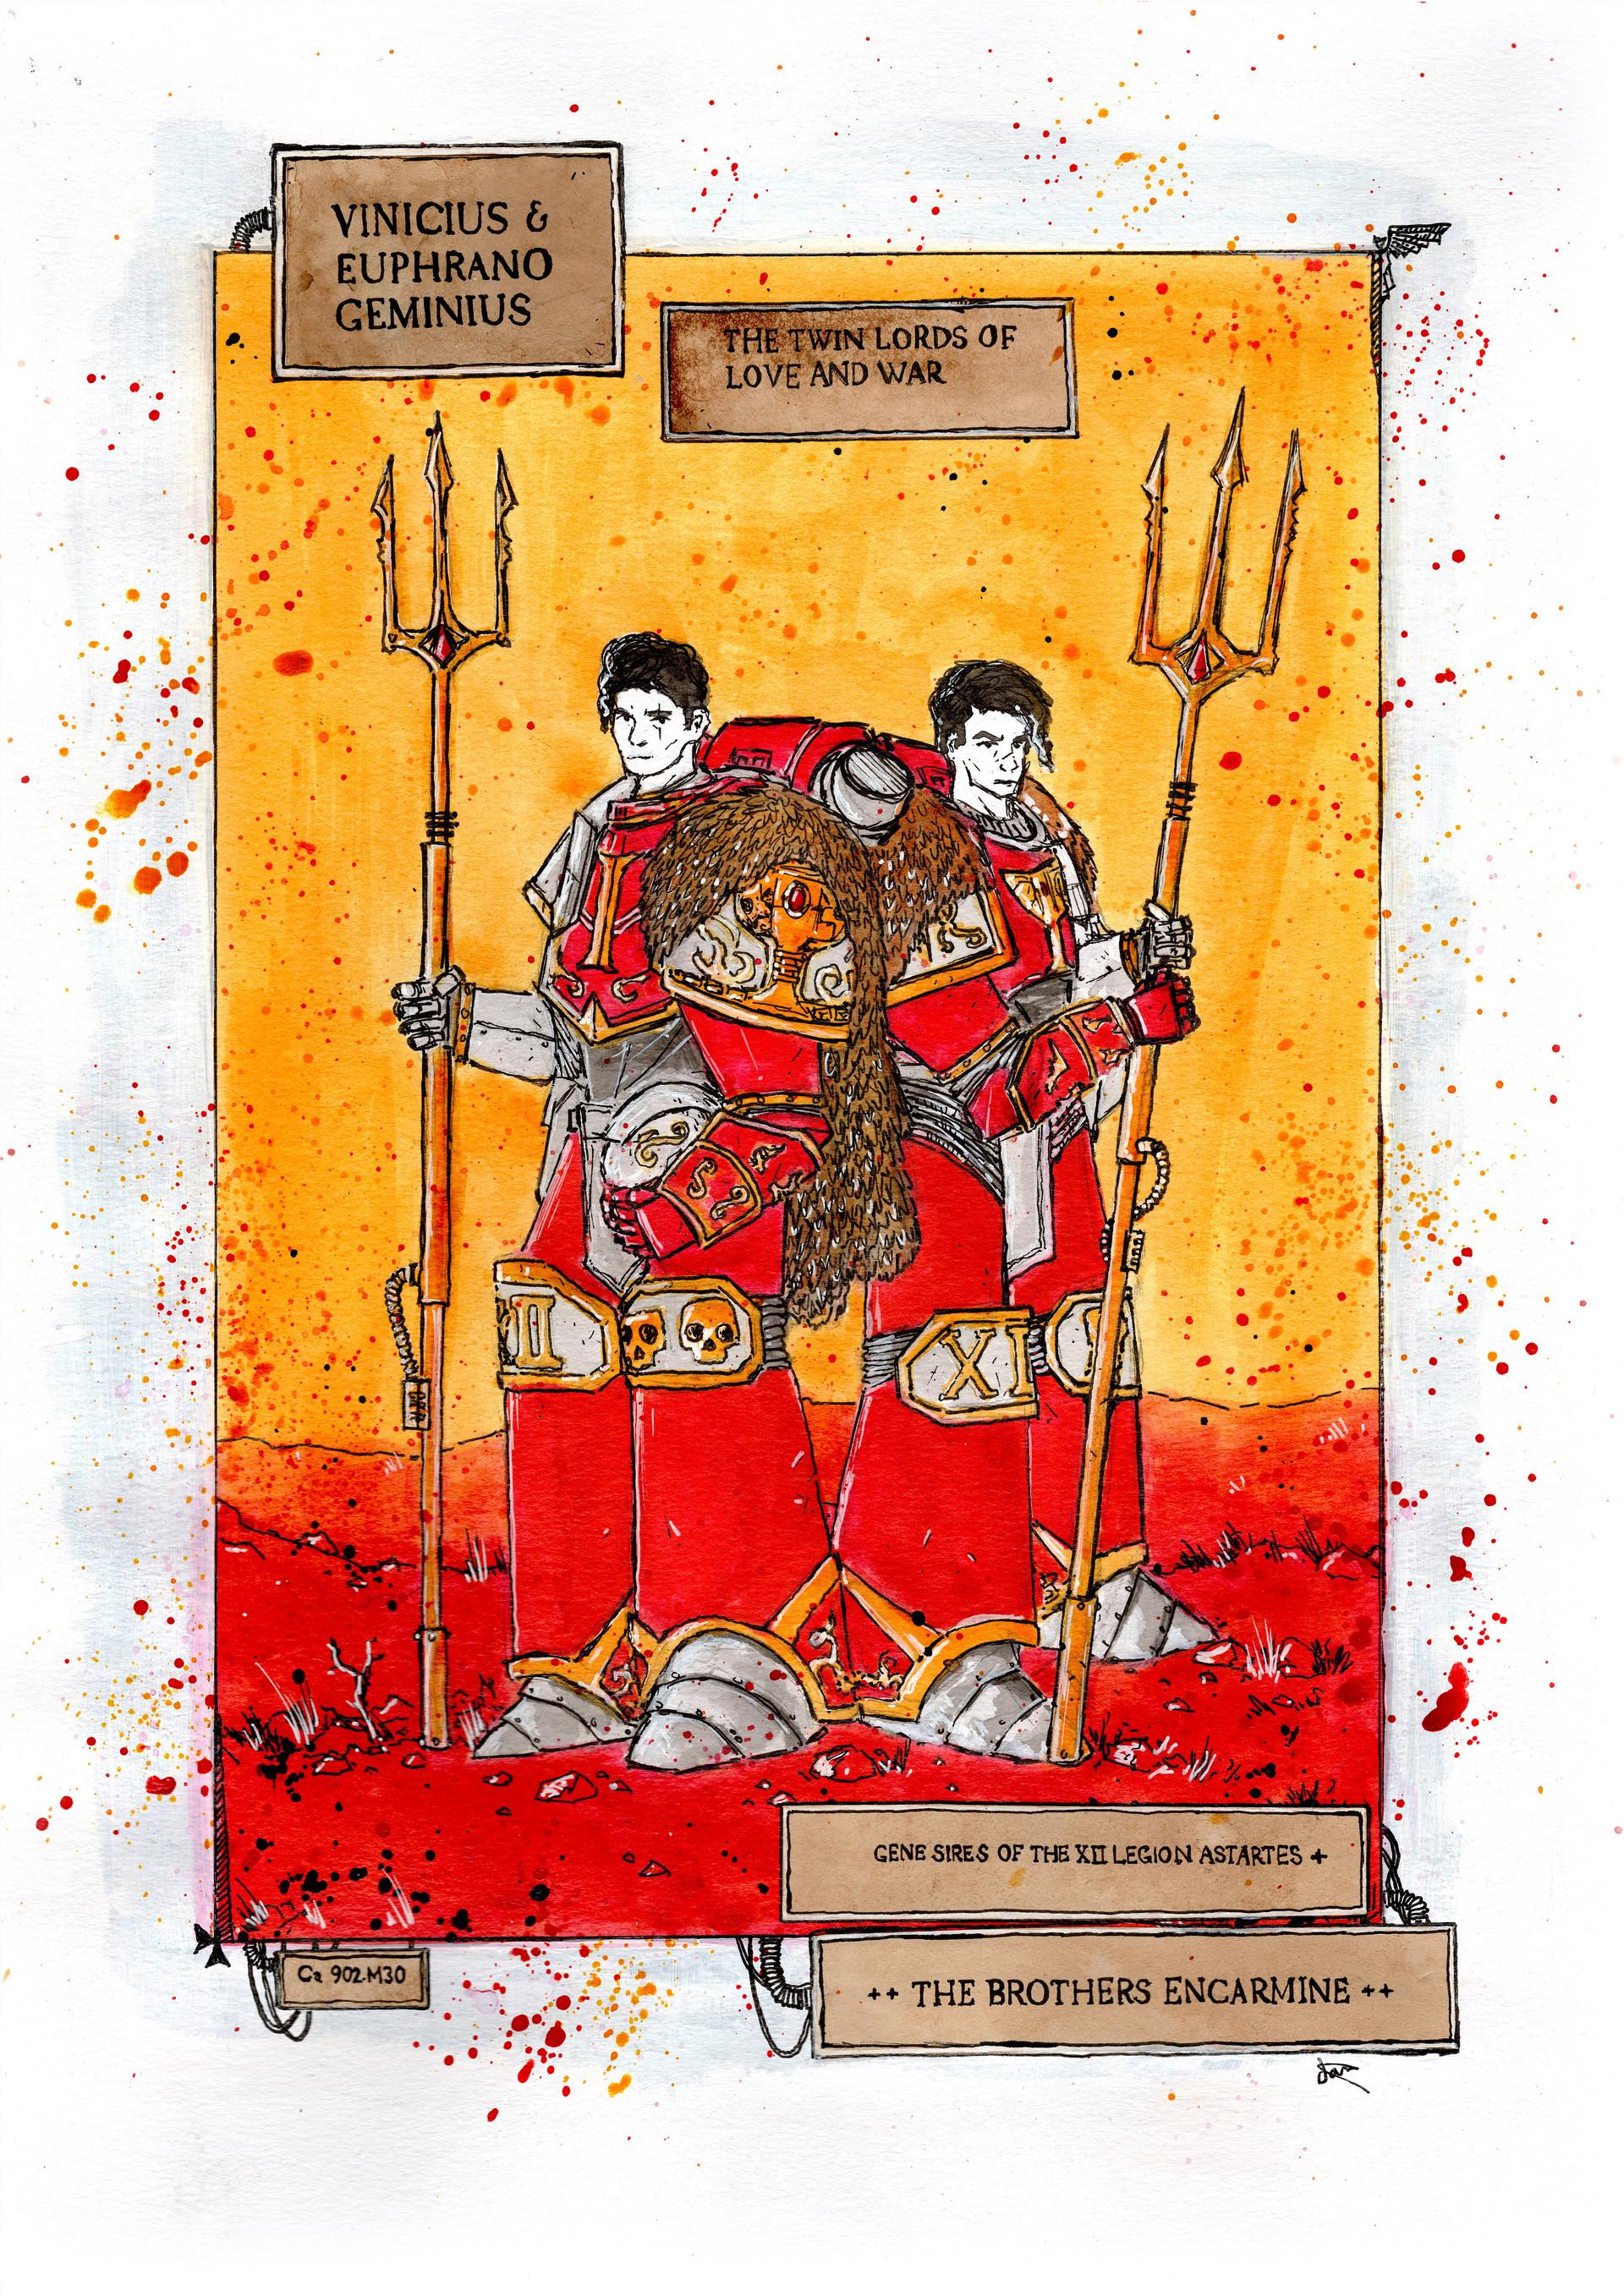 Brothers Encarmine